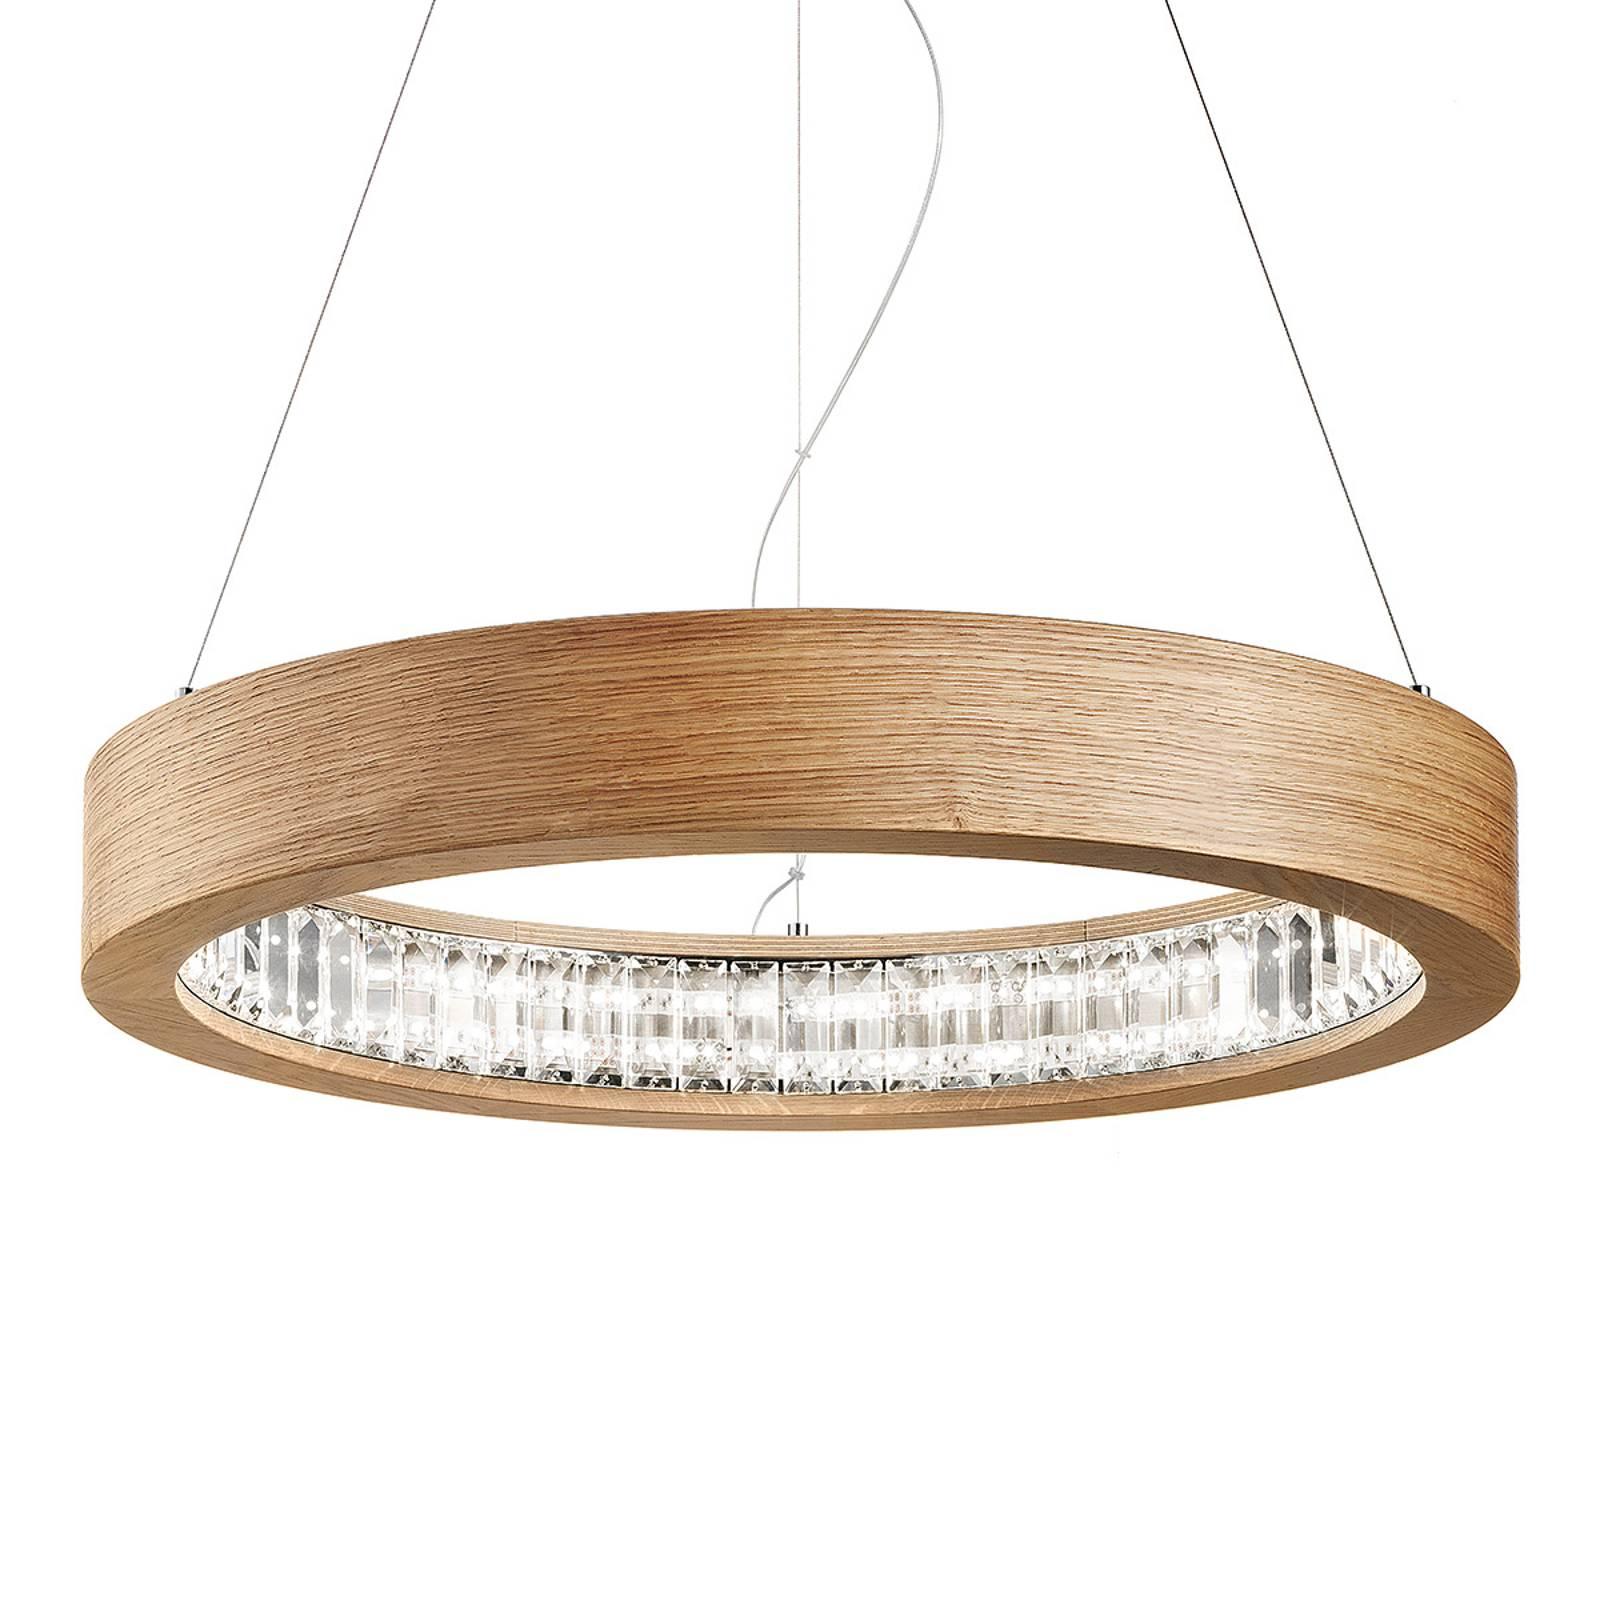 Pyöreä LED-riippuvalaisin Libe Round, 60 cm